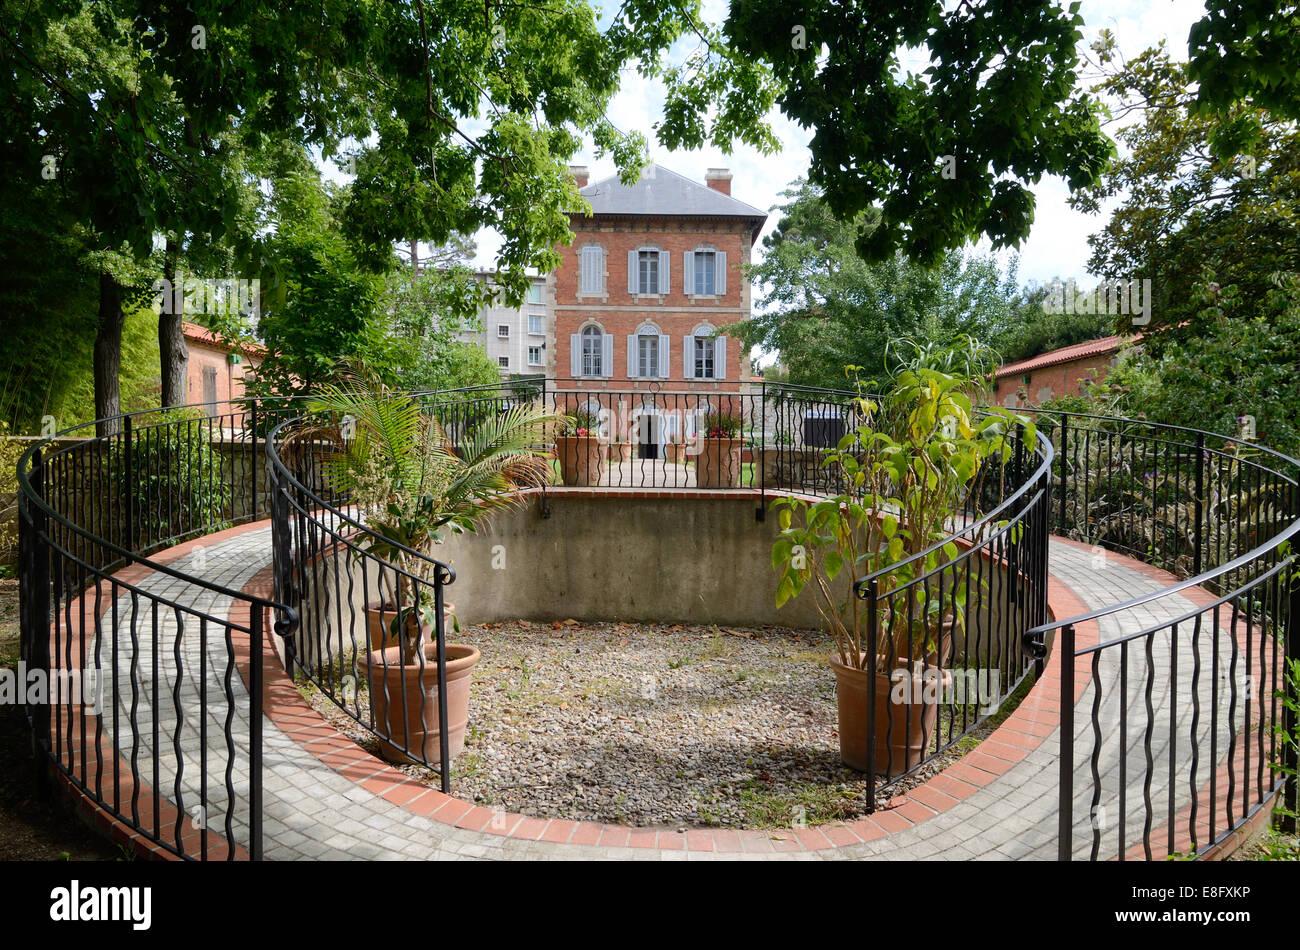 Château e percorso circolare Parco Borely e giardino marsiglia francia Immagini Stock